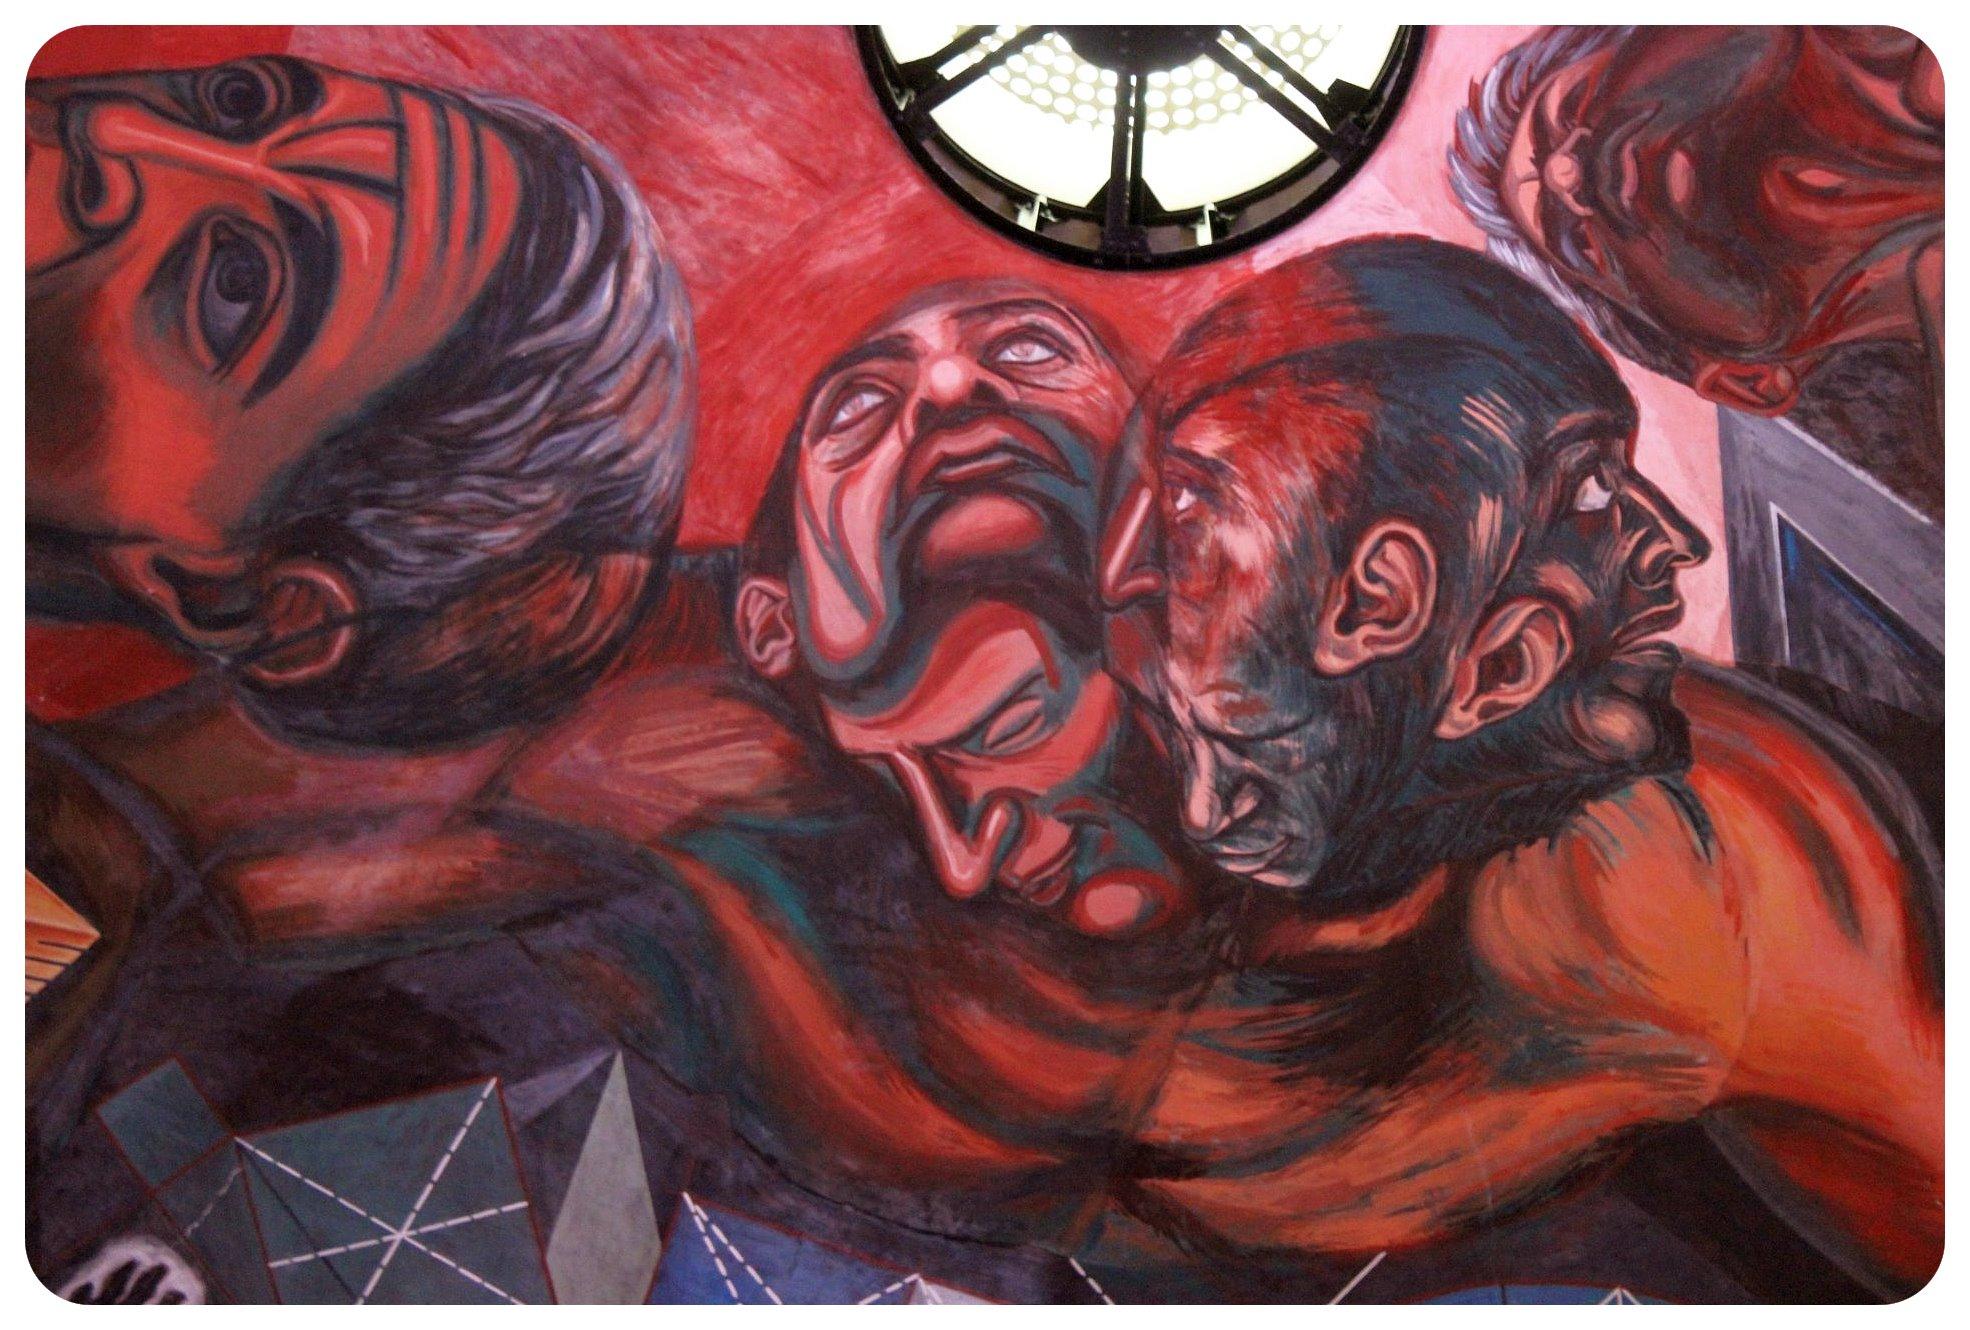 guadalajara orozco mural